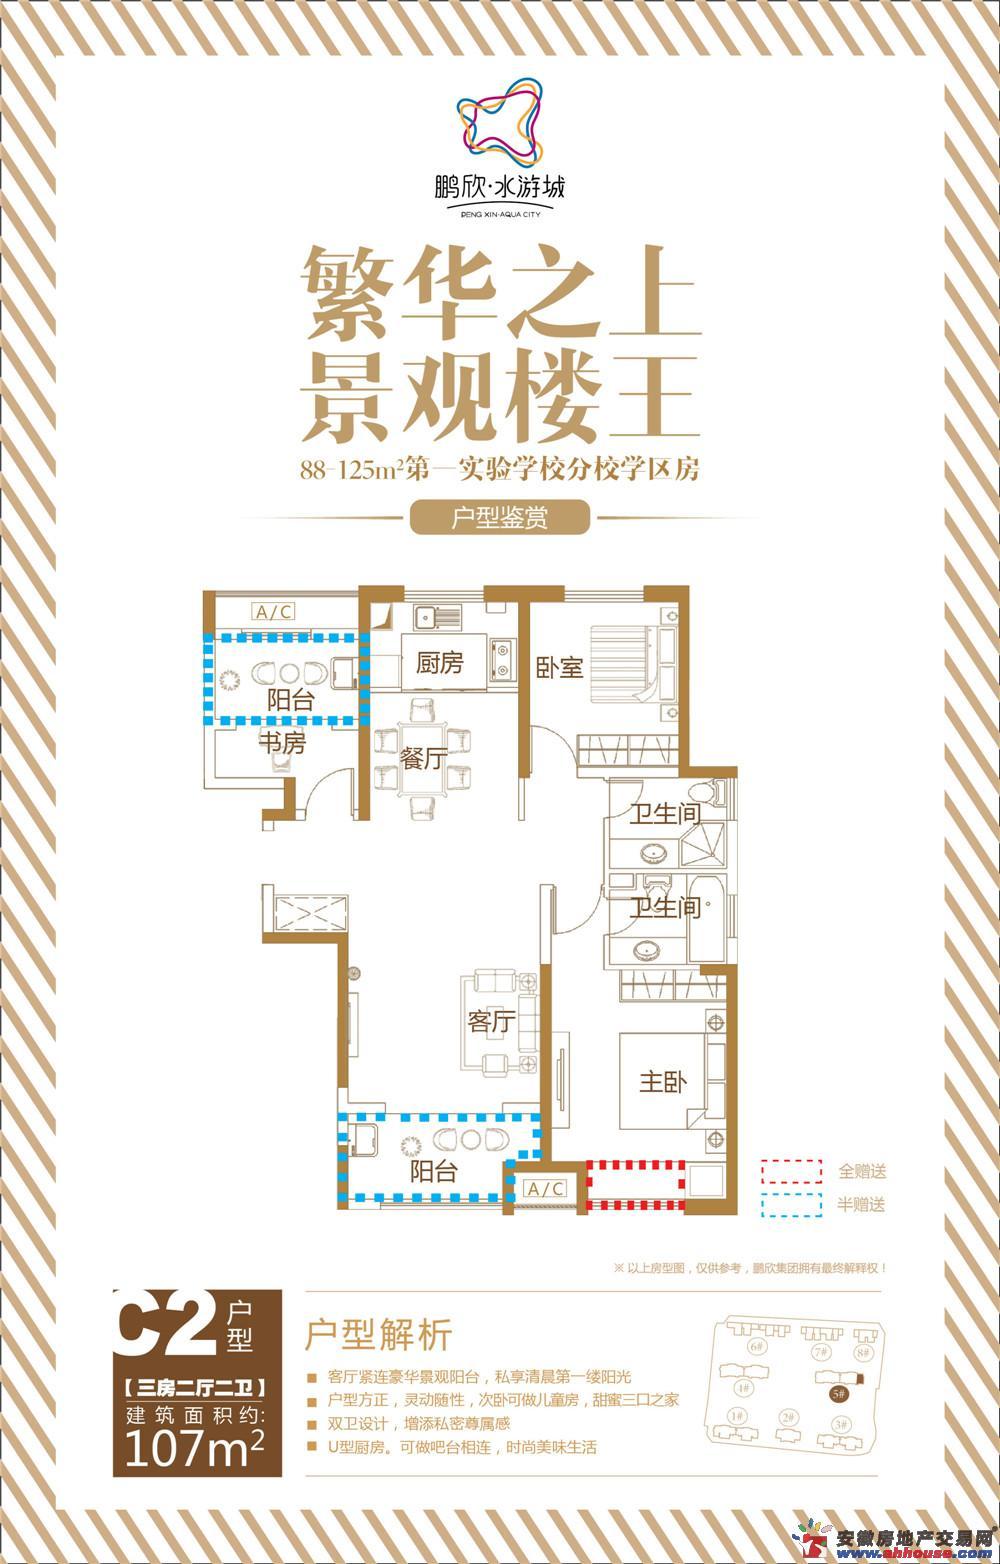 鹏欣·水游城三室二厅二卫